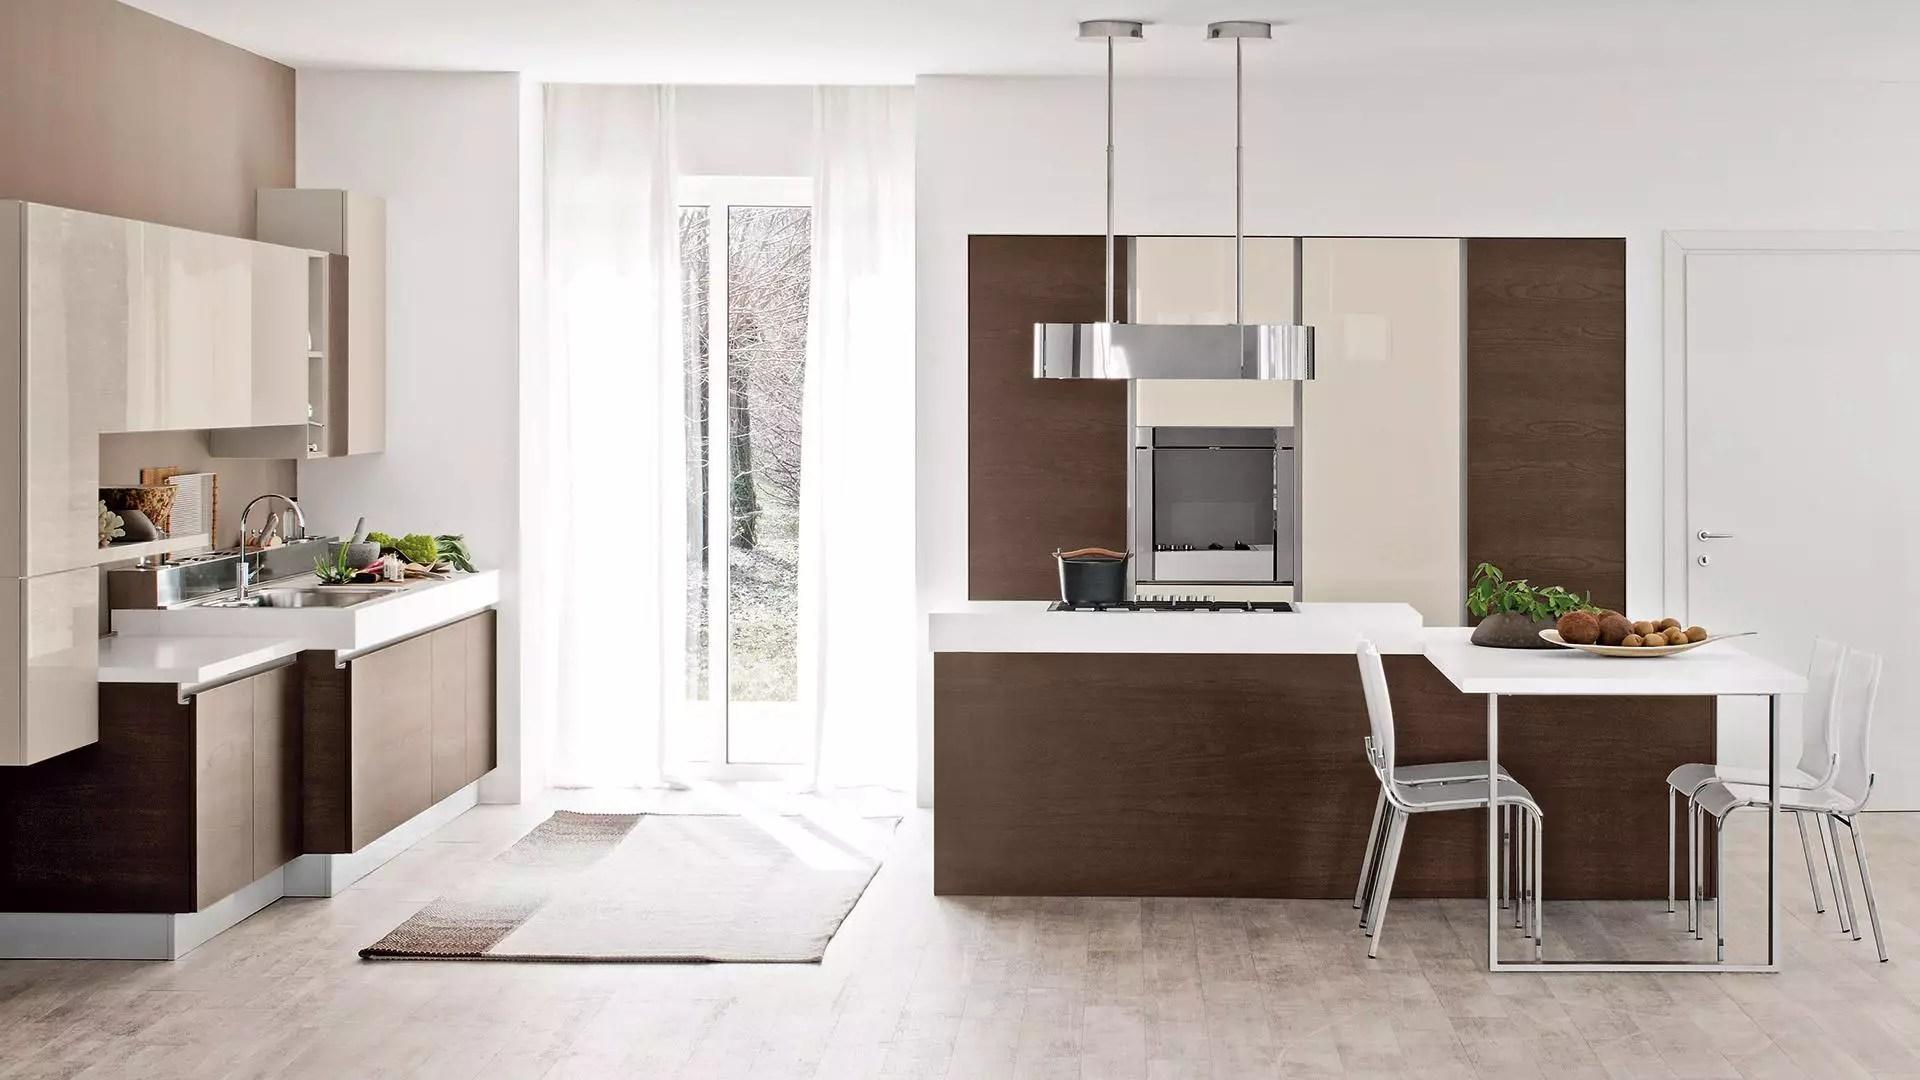 Cucina Lube Brava | Bello Cucina Lube Brava Idee Di Design Per La ...